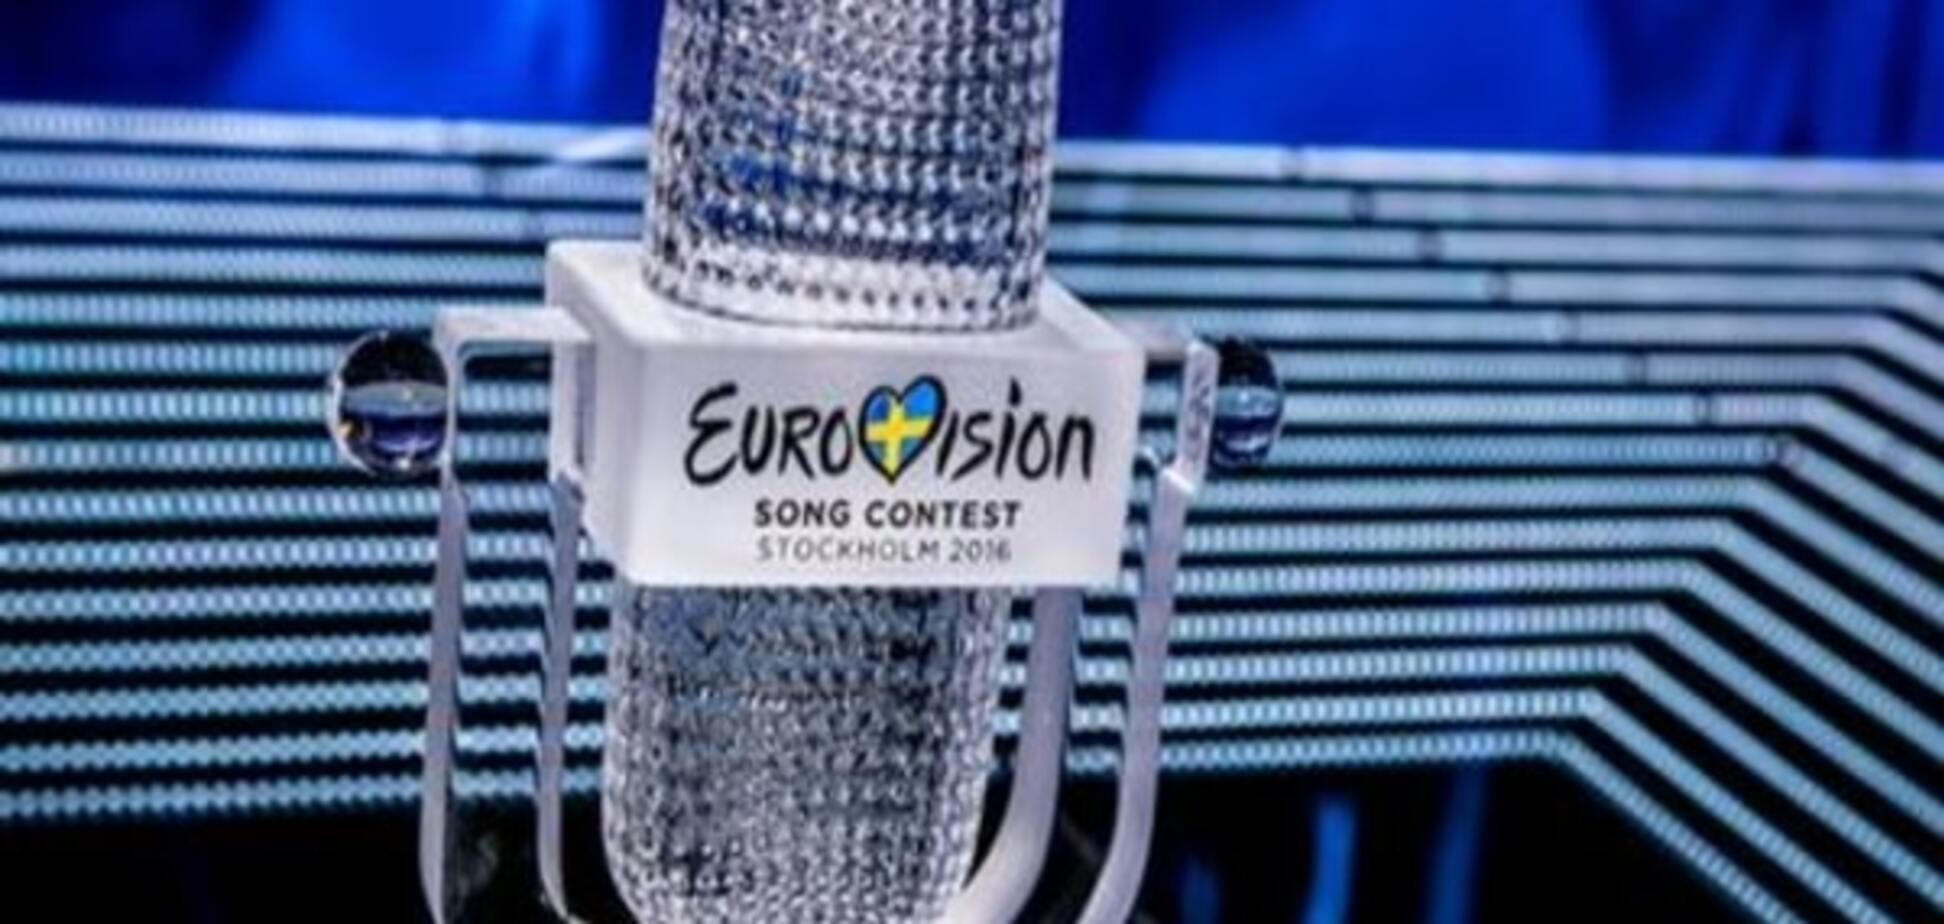 Не Києвом єдиним. Що 'Євробачення' може принести регіонам України